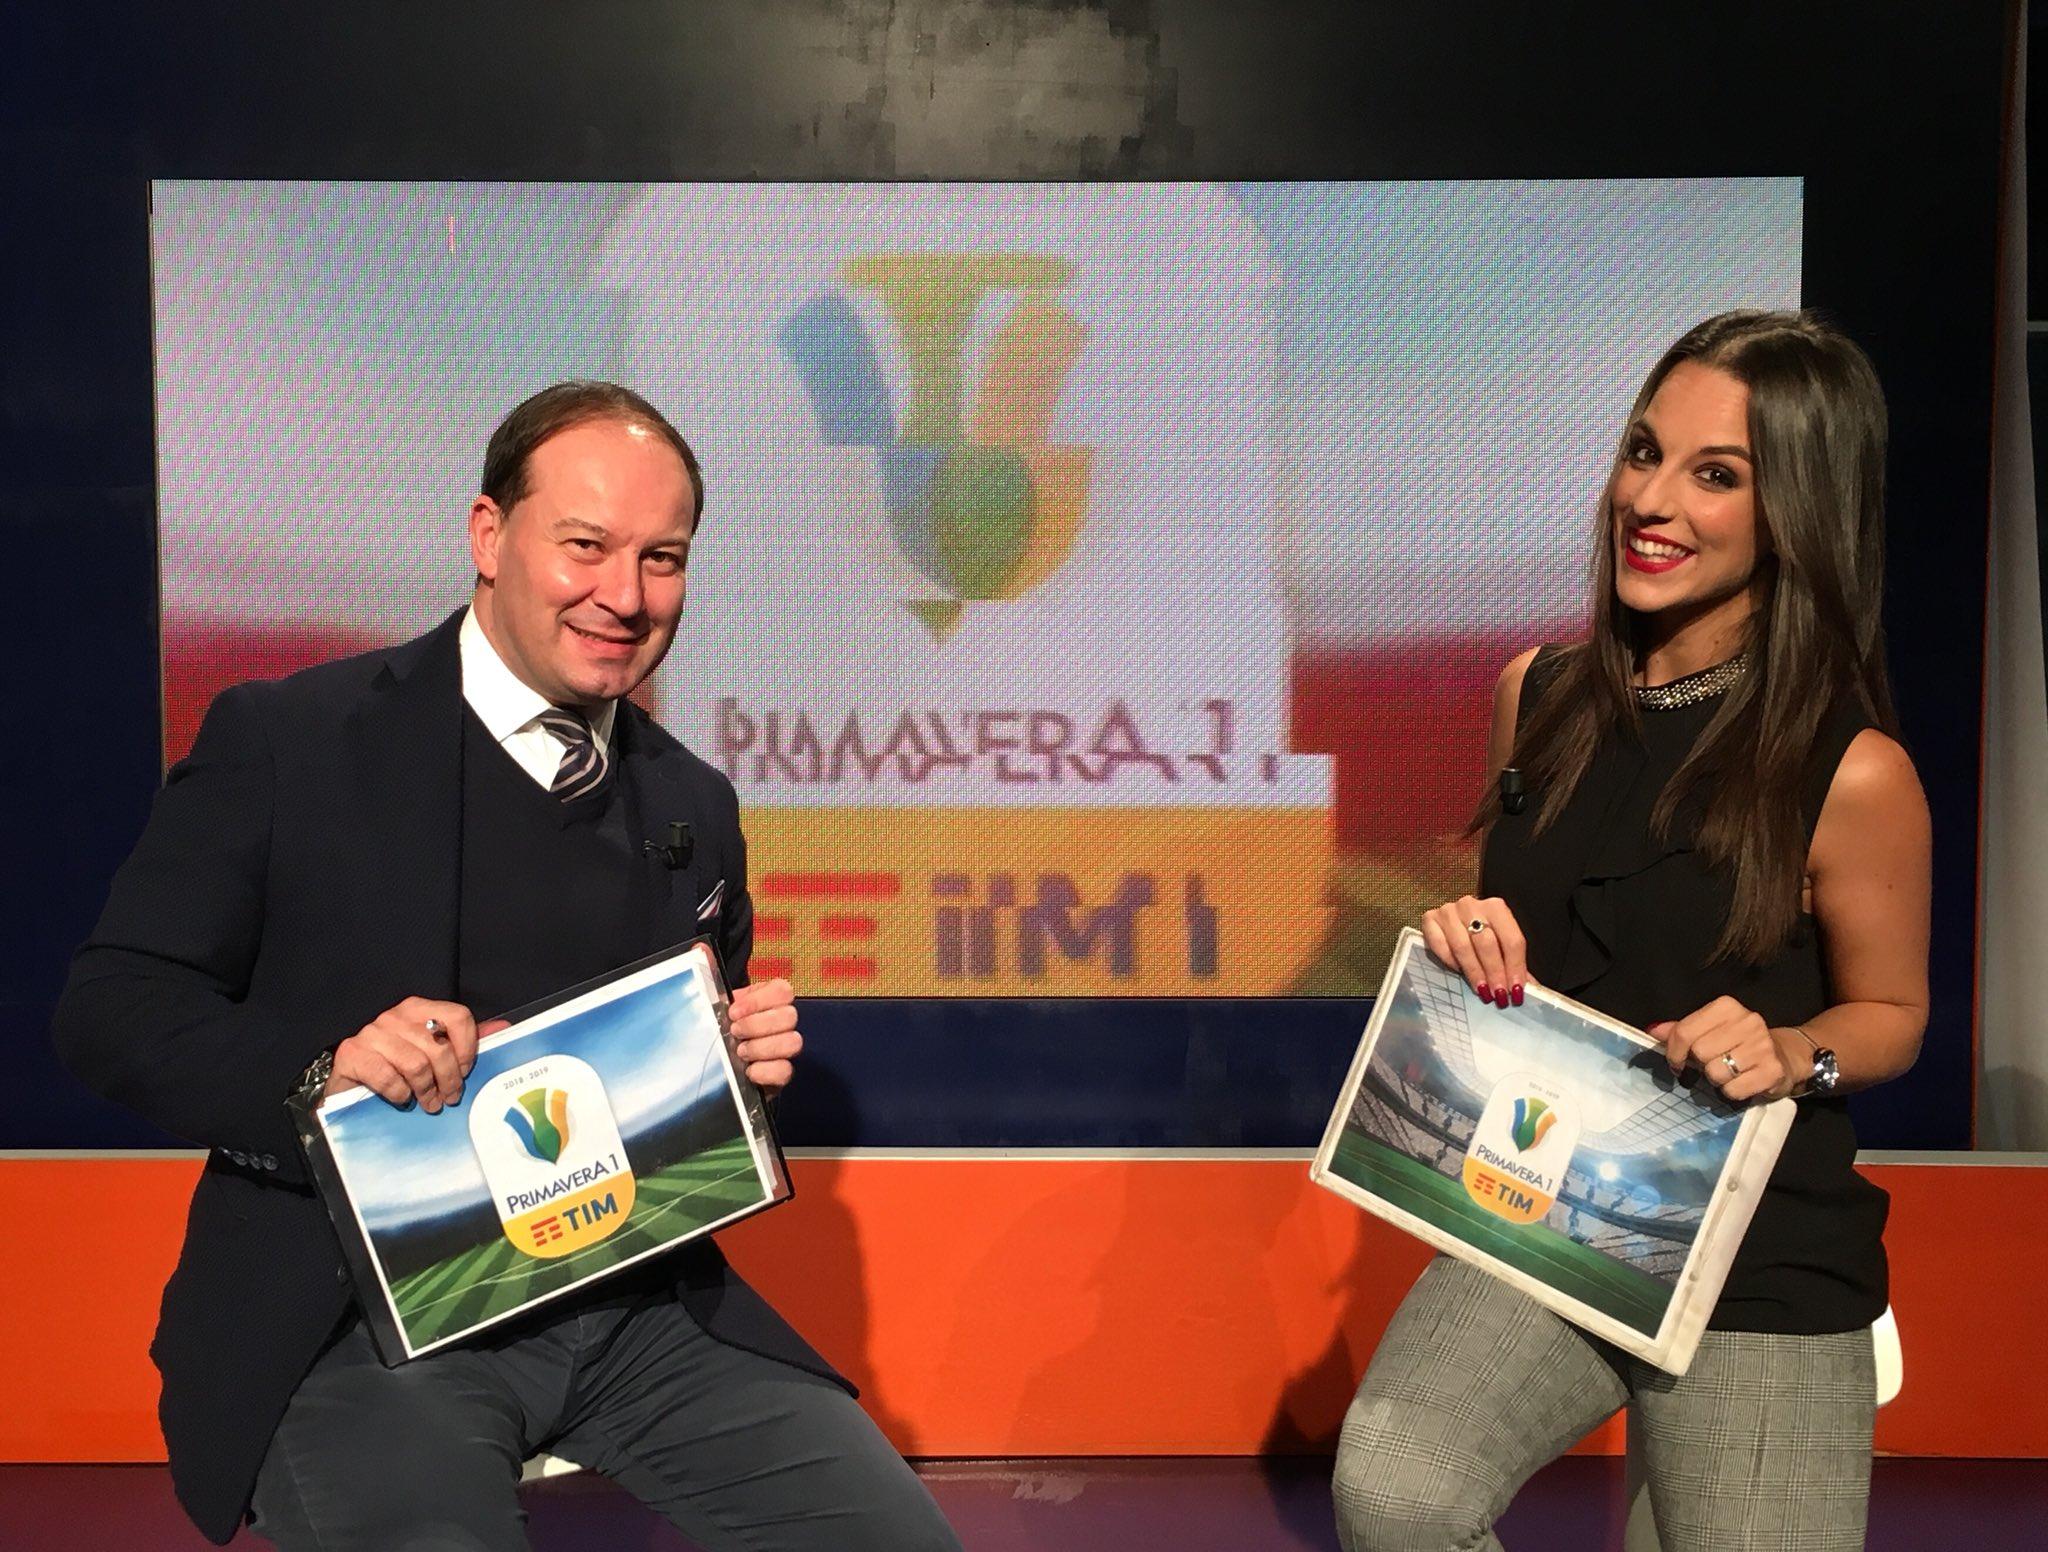 Sportitalia, Palinsesto Calcio 14, 15 e 16 Dicembre (Primavera, Serie C)